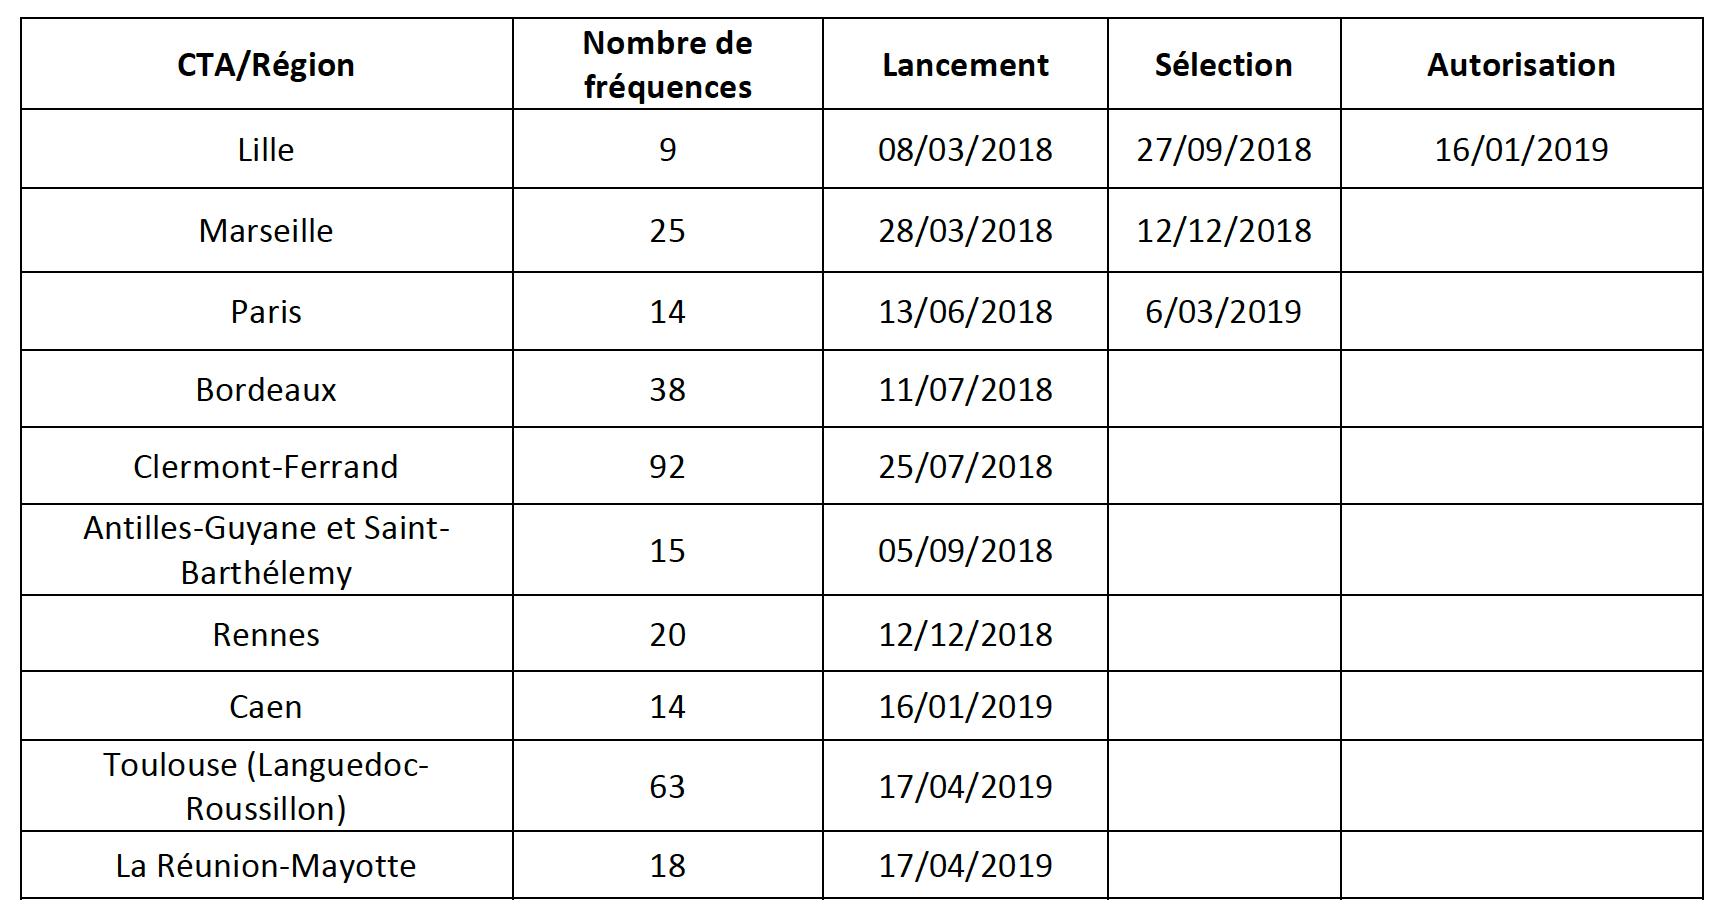 Synthèse de l'état d'avancement des appels aux candidatures prévus dans la feuille de route 2018-2019